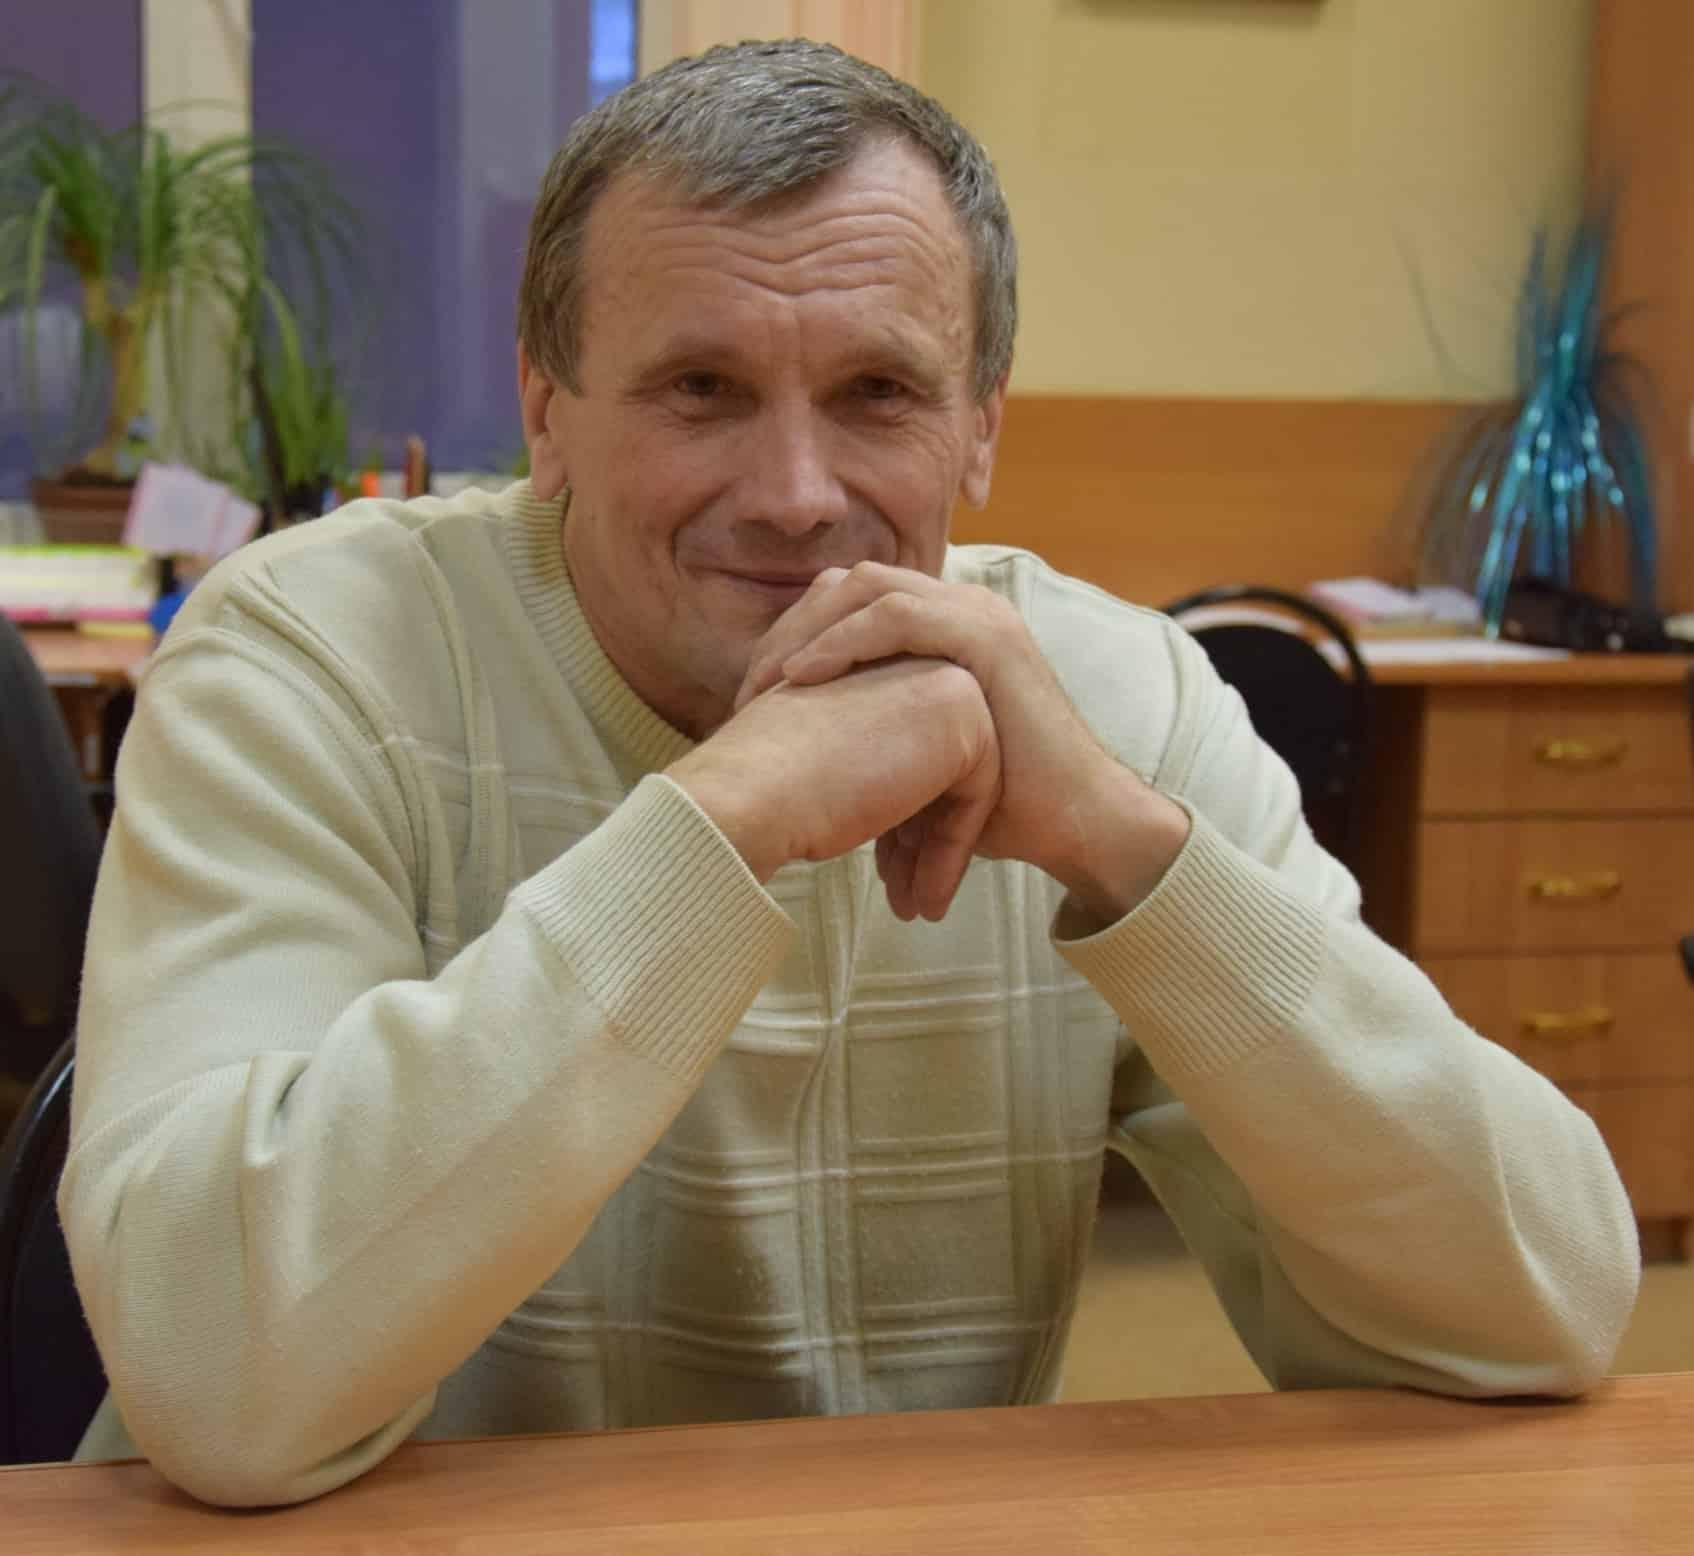 Профессор ПетрГУ, доктор физико-математических наук А.В. Иванов